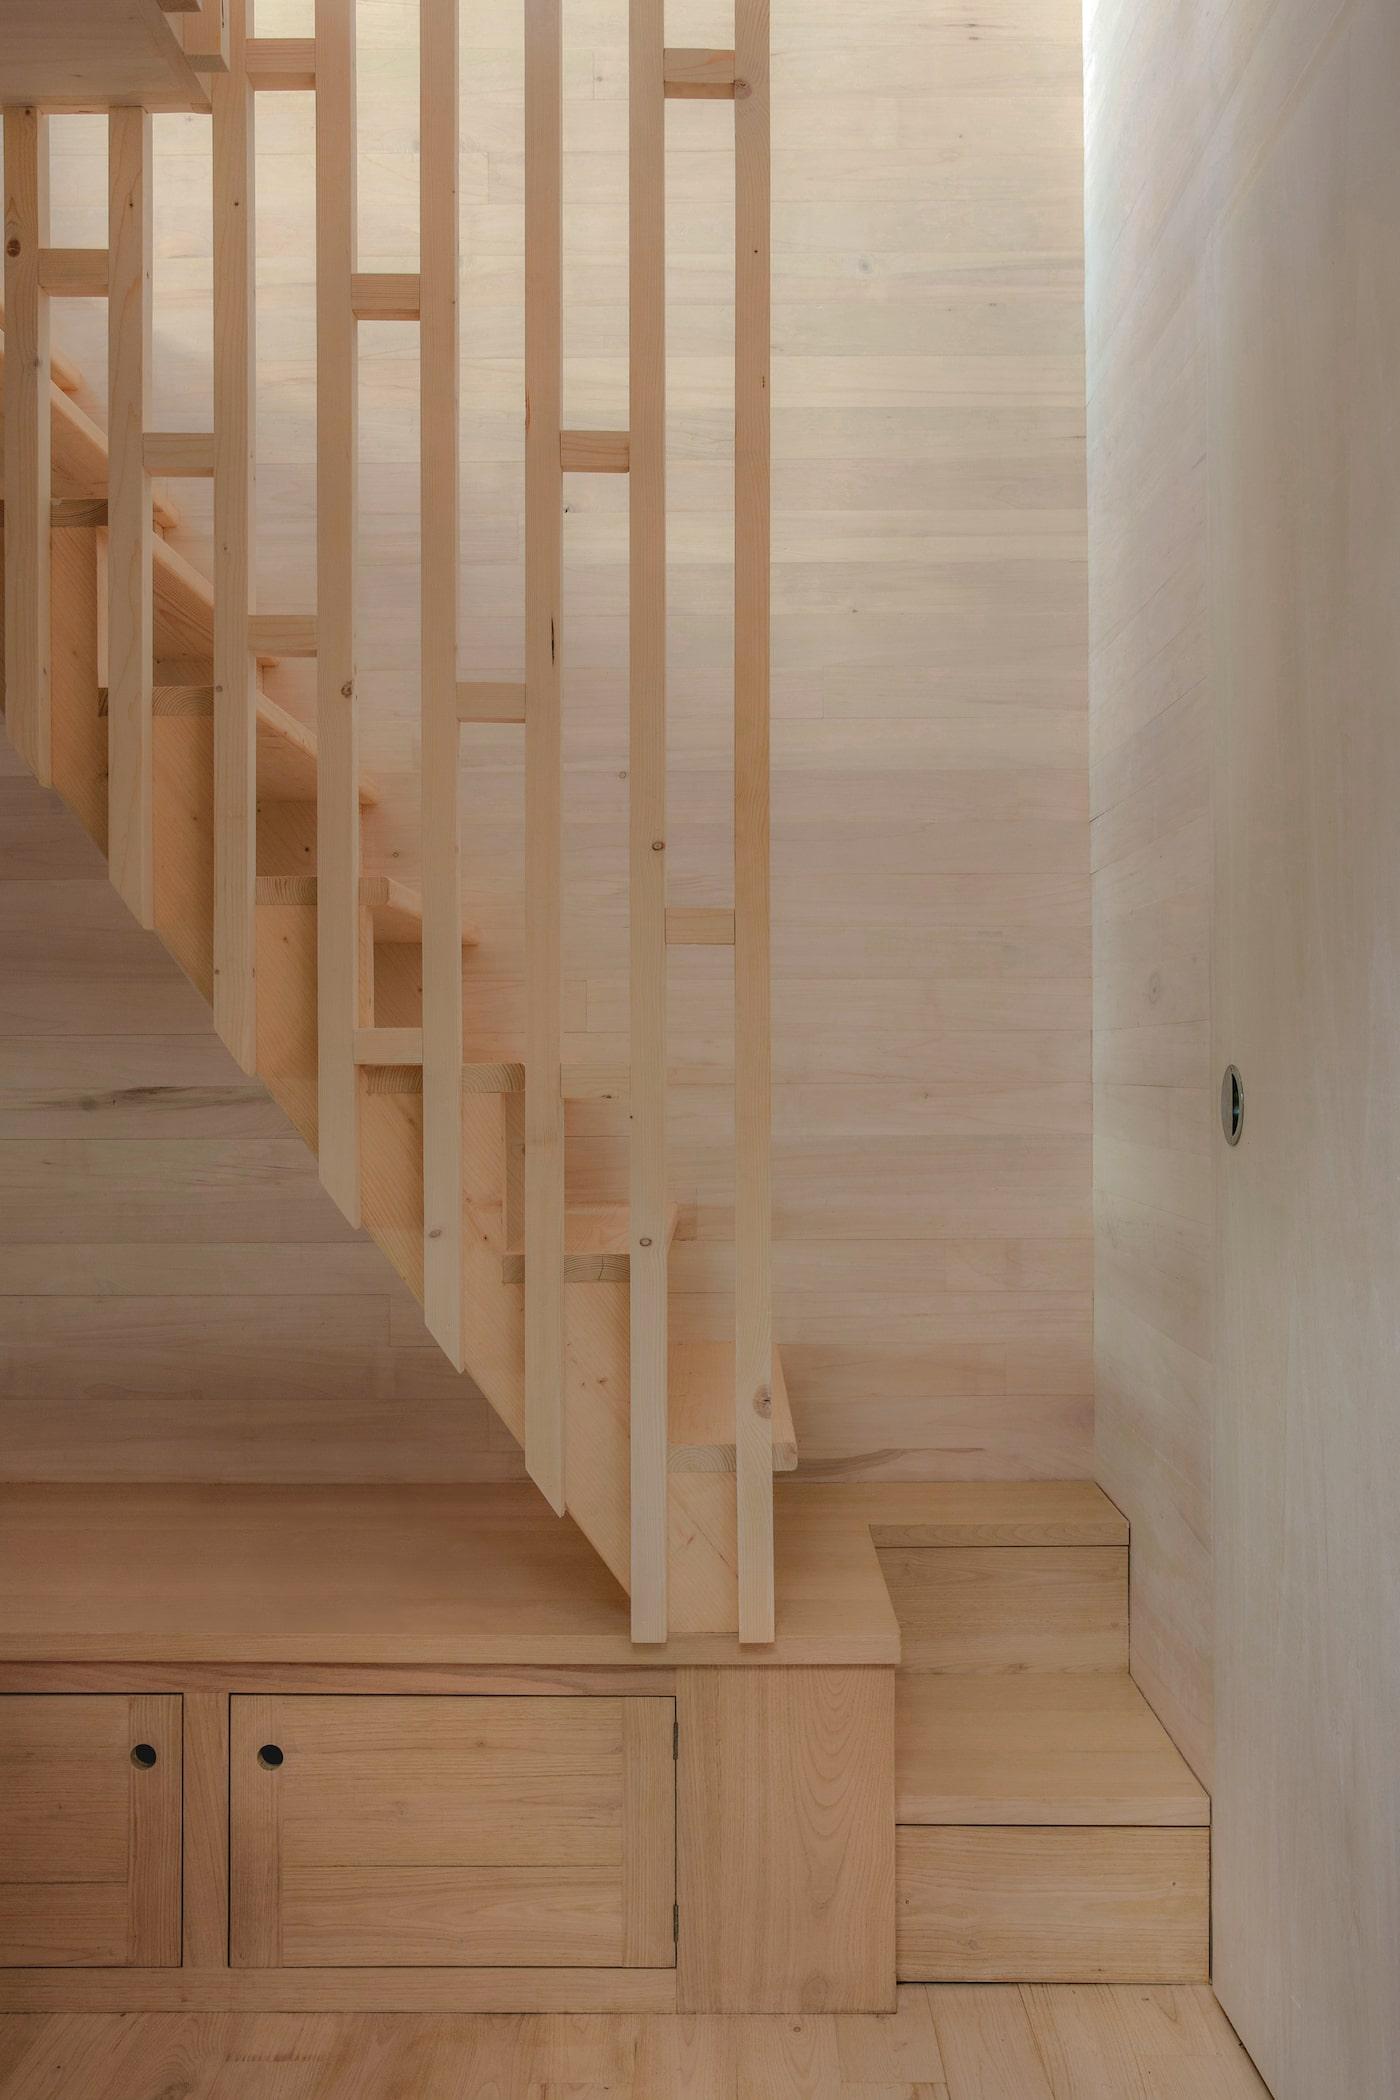 Timber baluster stair detail